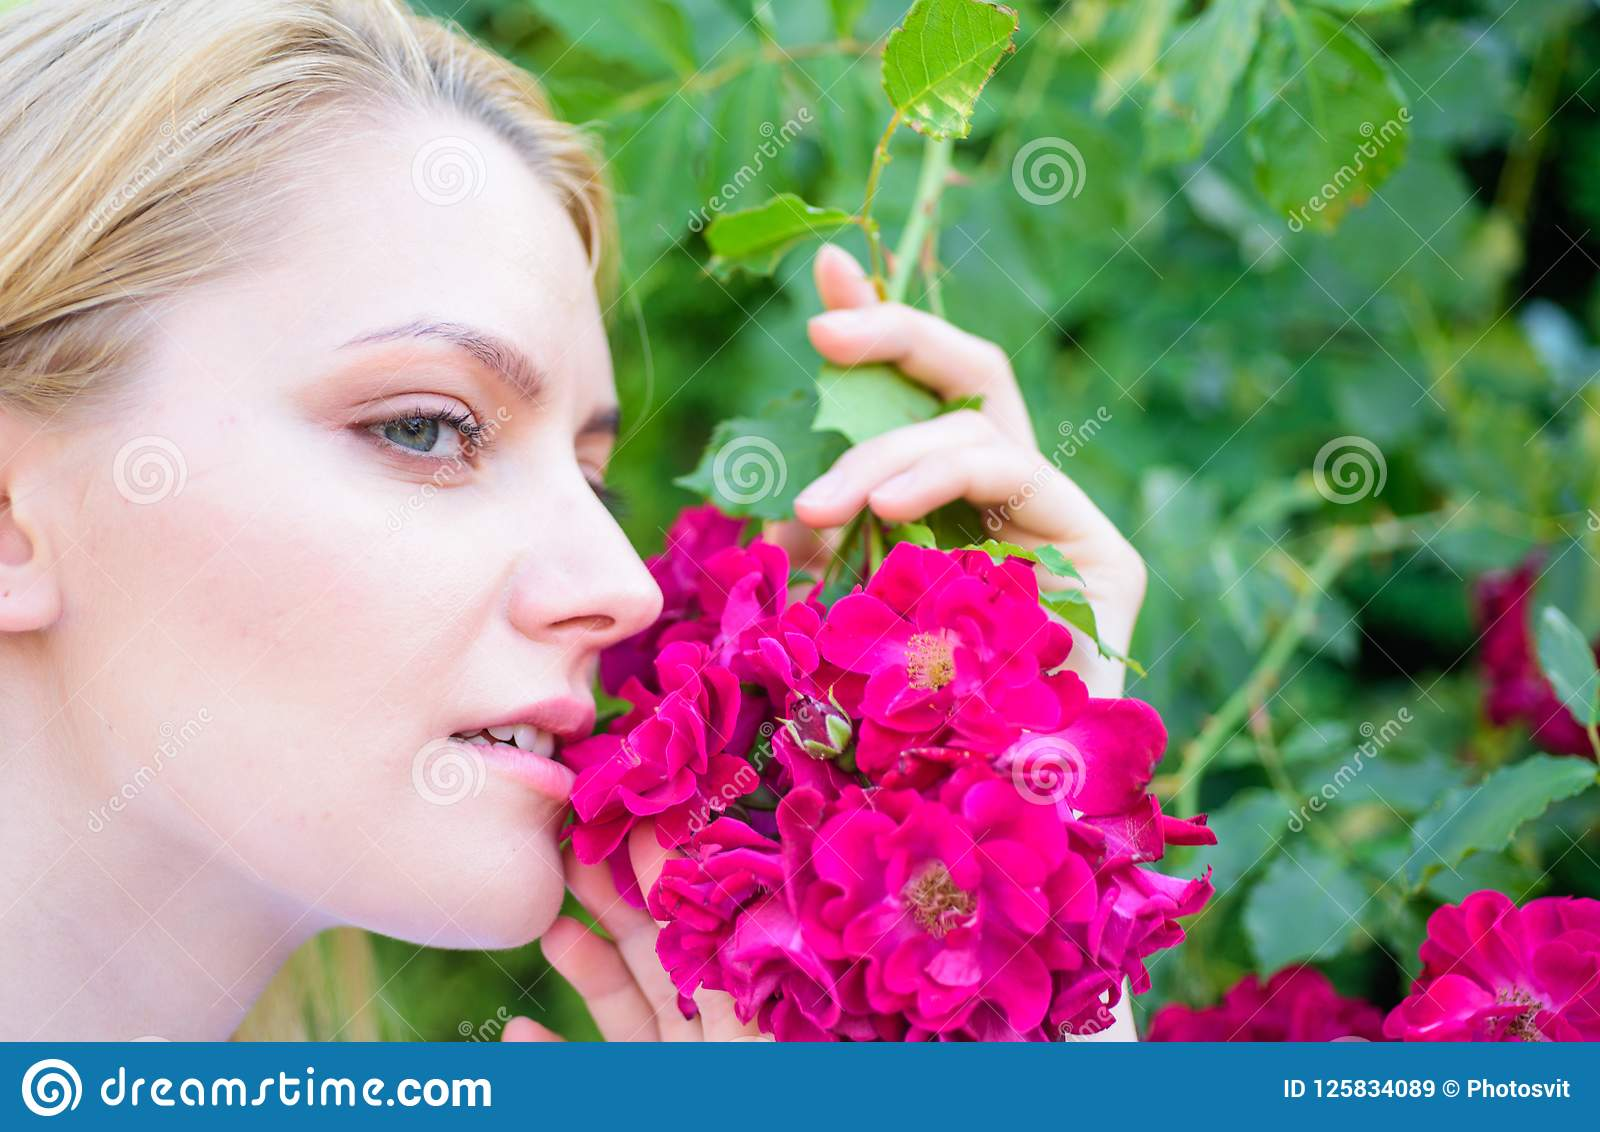 Rosen-Auszugöl-Aromaprodukt Mädchen und Blumen auf Naturhintergrund Schöne Blüte Frauenatemzug blüht Duft